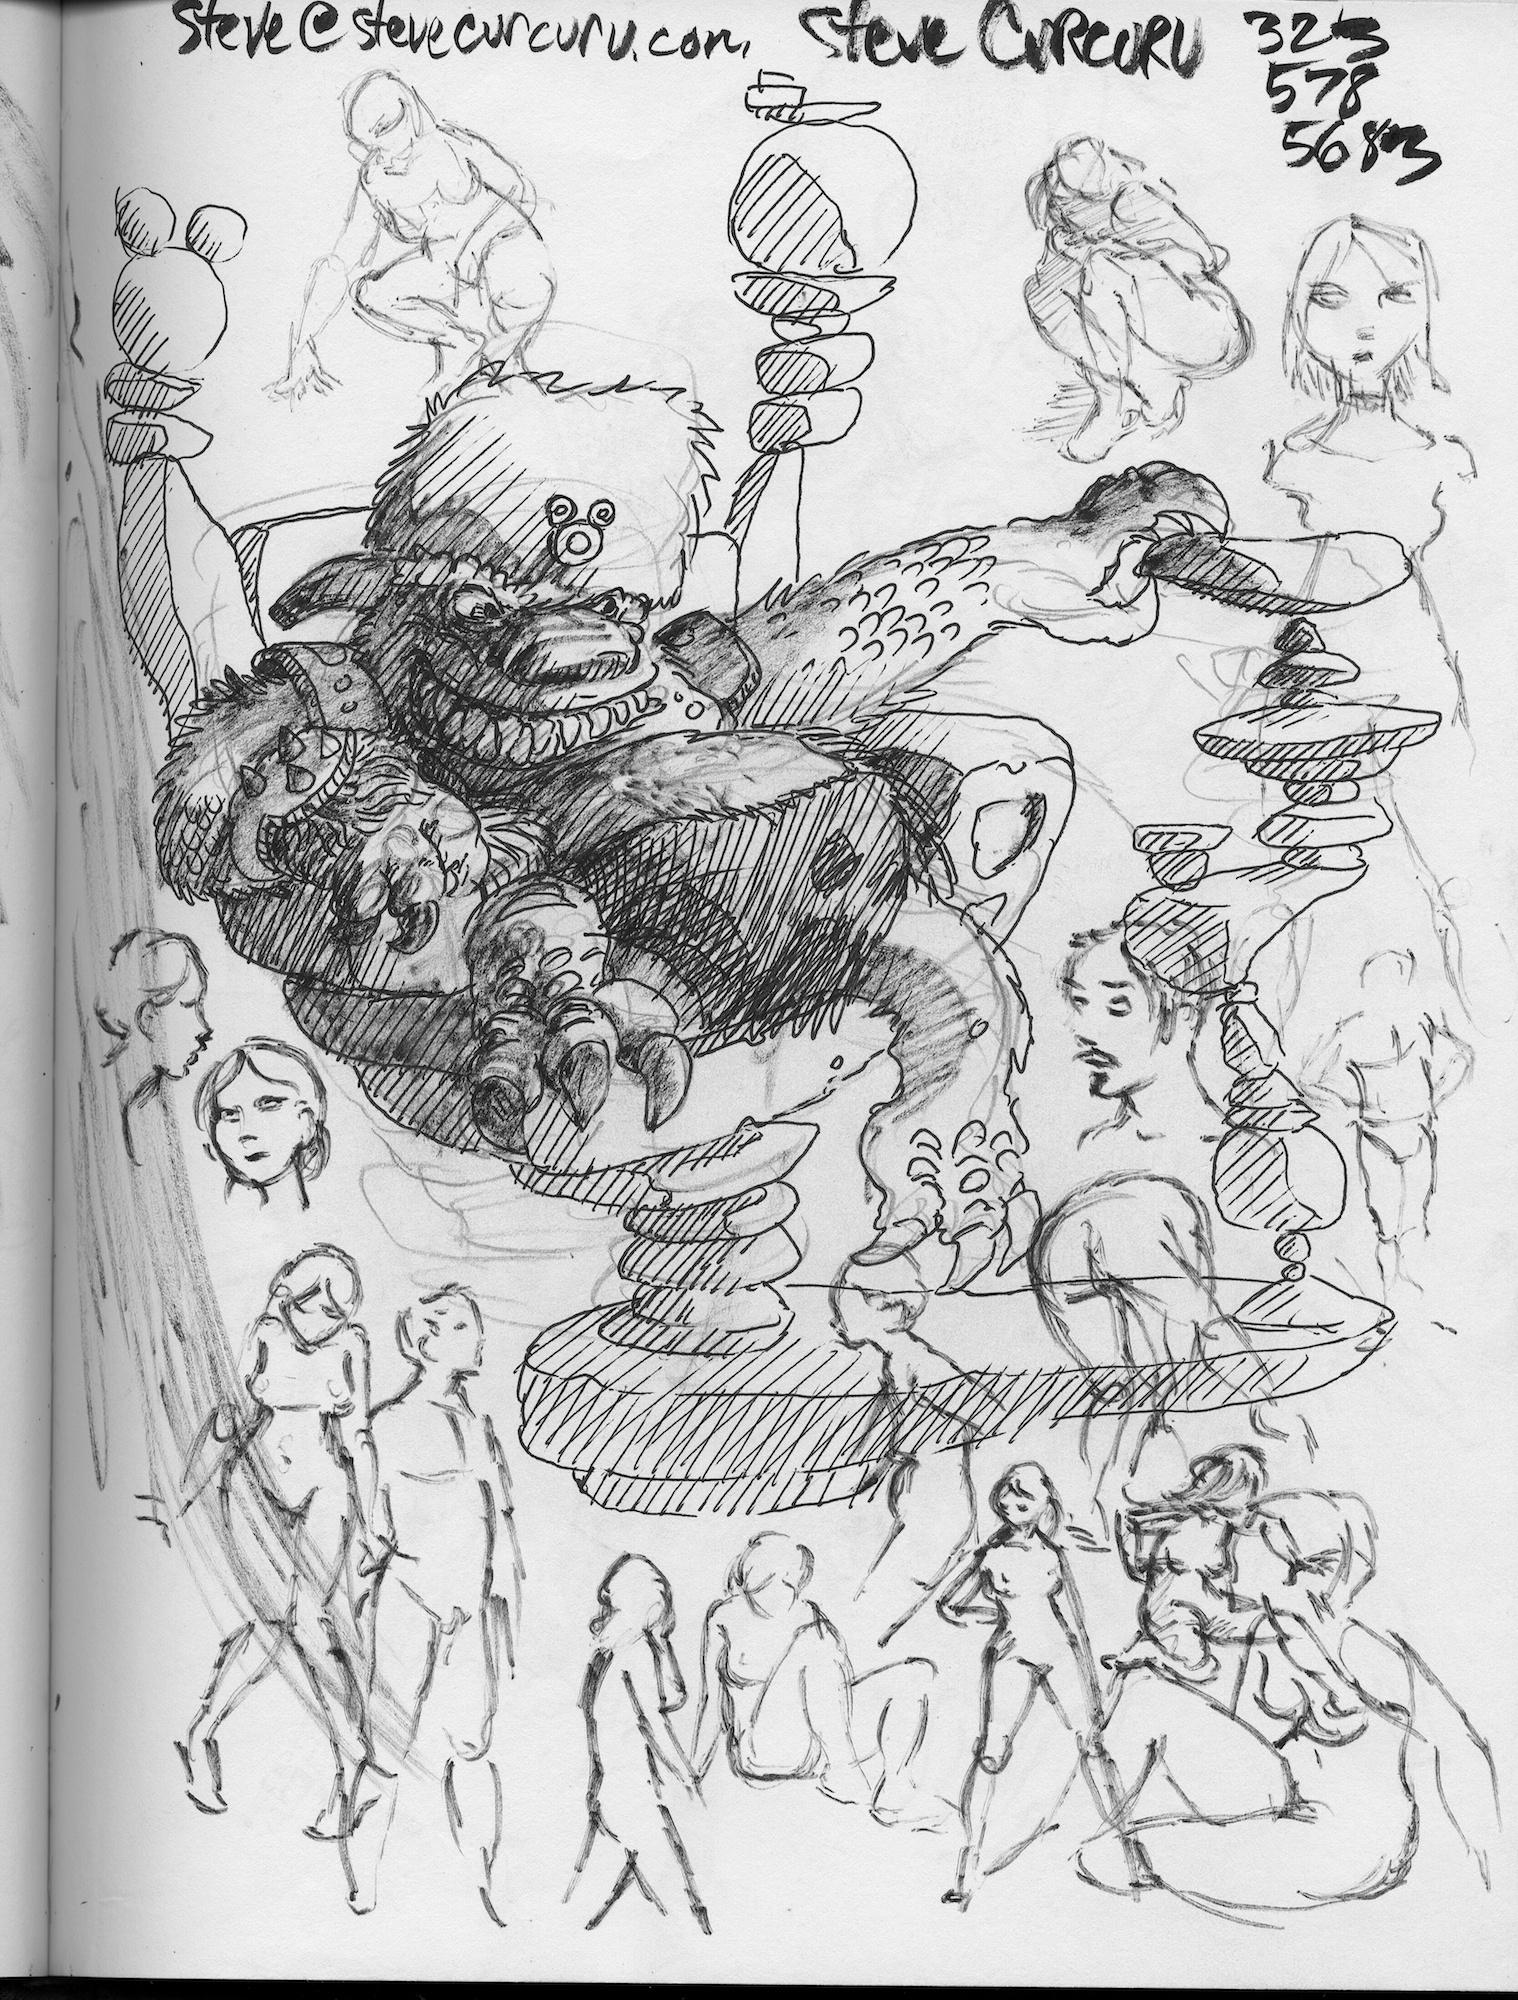 Red Sketchbook